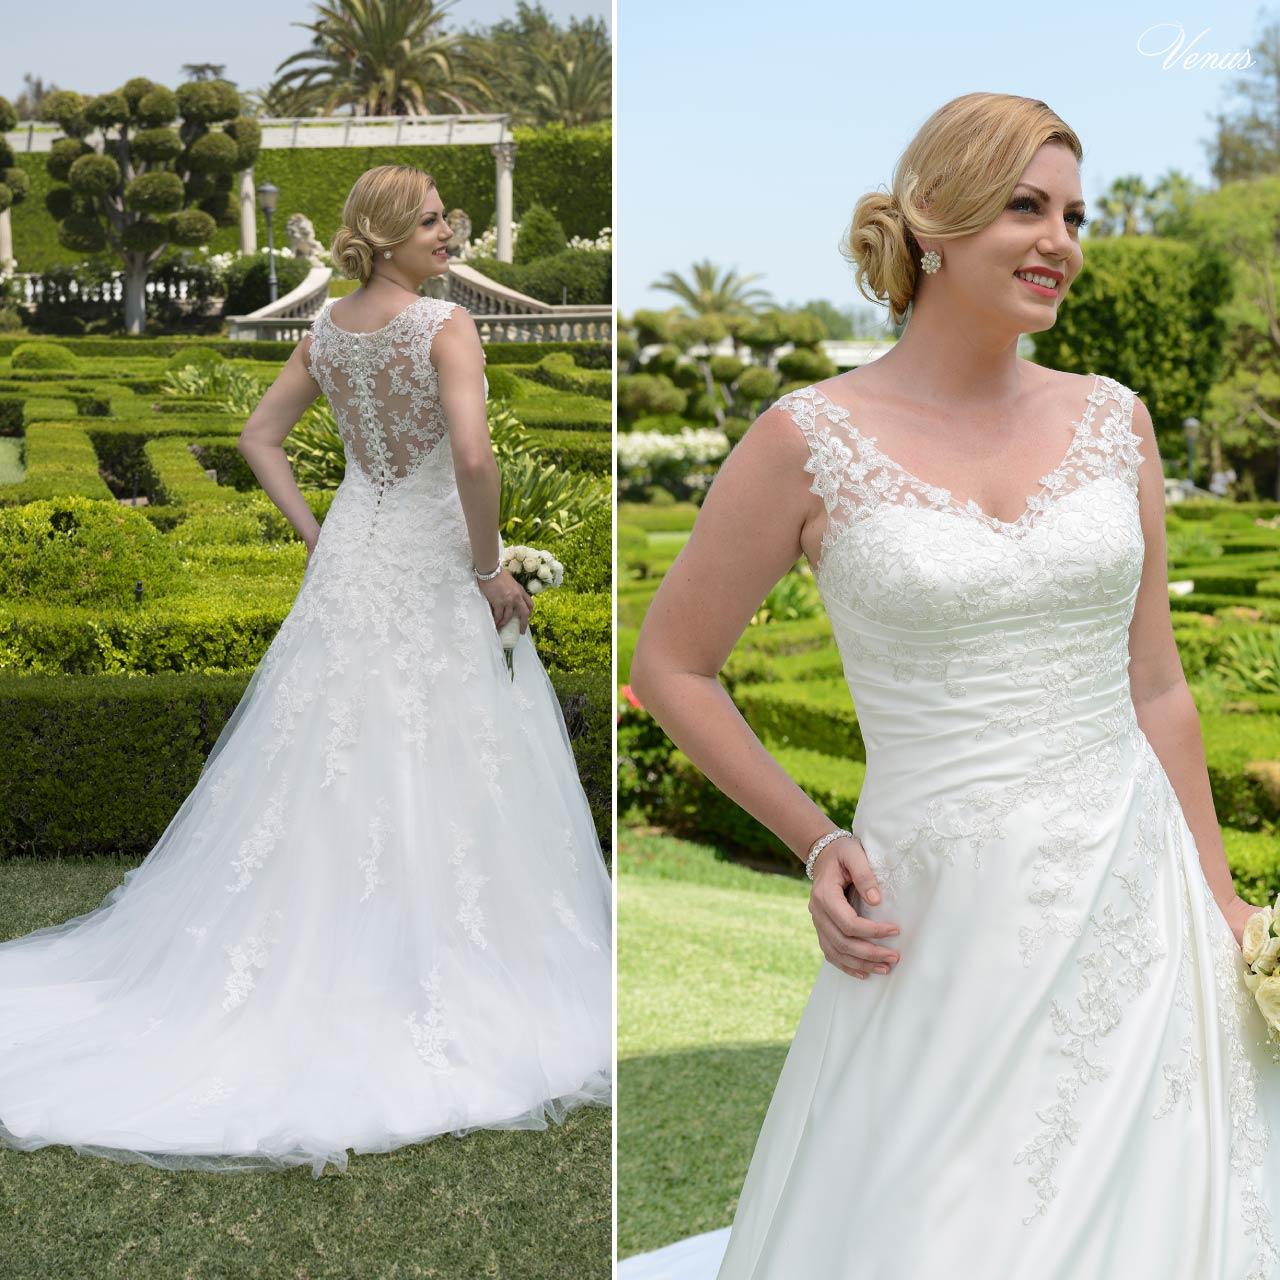 ... Abito da sposa taglie forti in tulle e pizzo bianco articolo VW8736C Venus  Bridal Italia ... b514308e68e